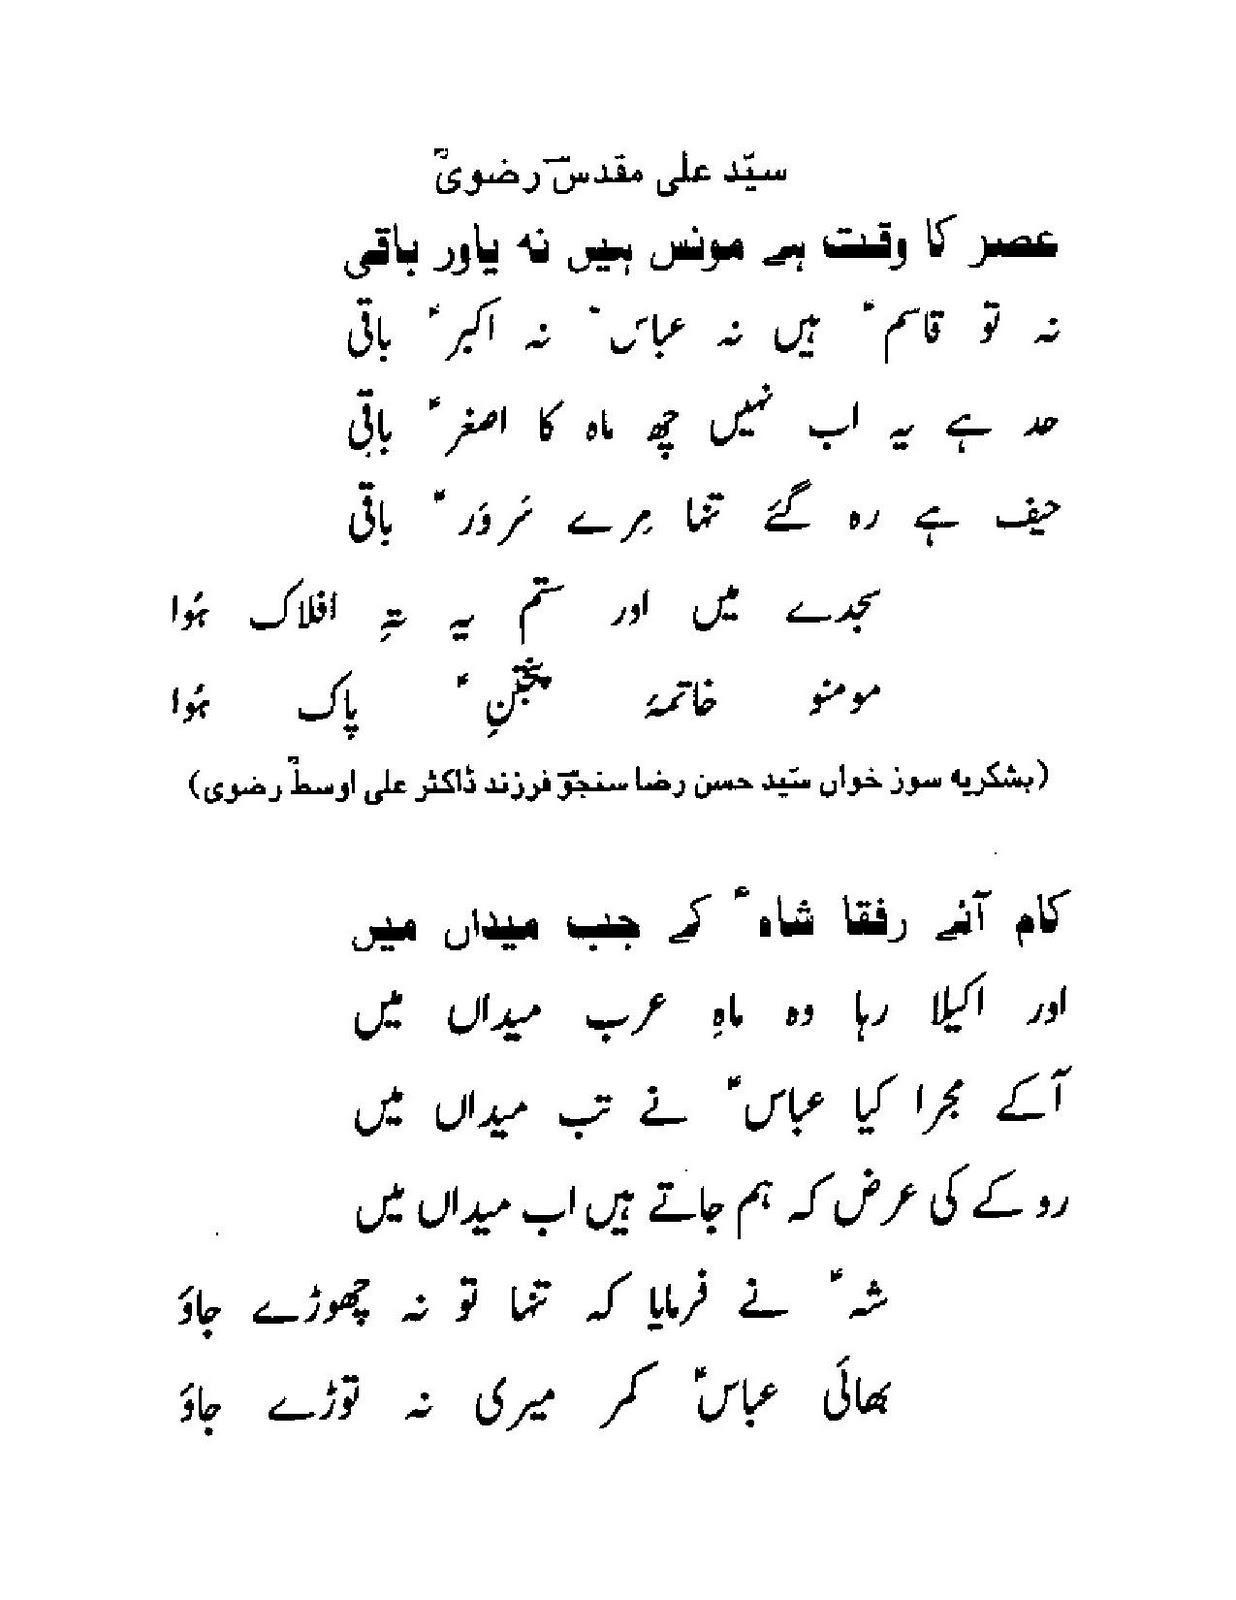 Basta By Sibte Jafar Soz Salam Marsiya Noha: Rubai, Soz